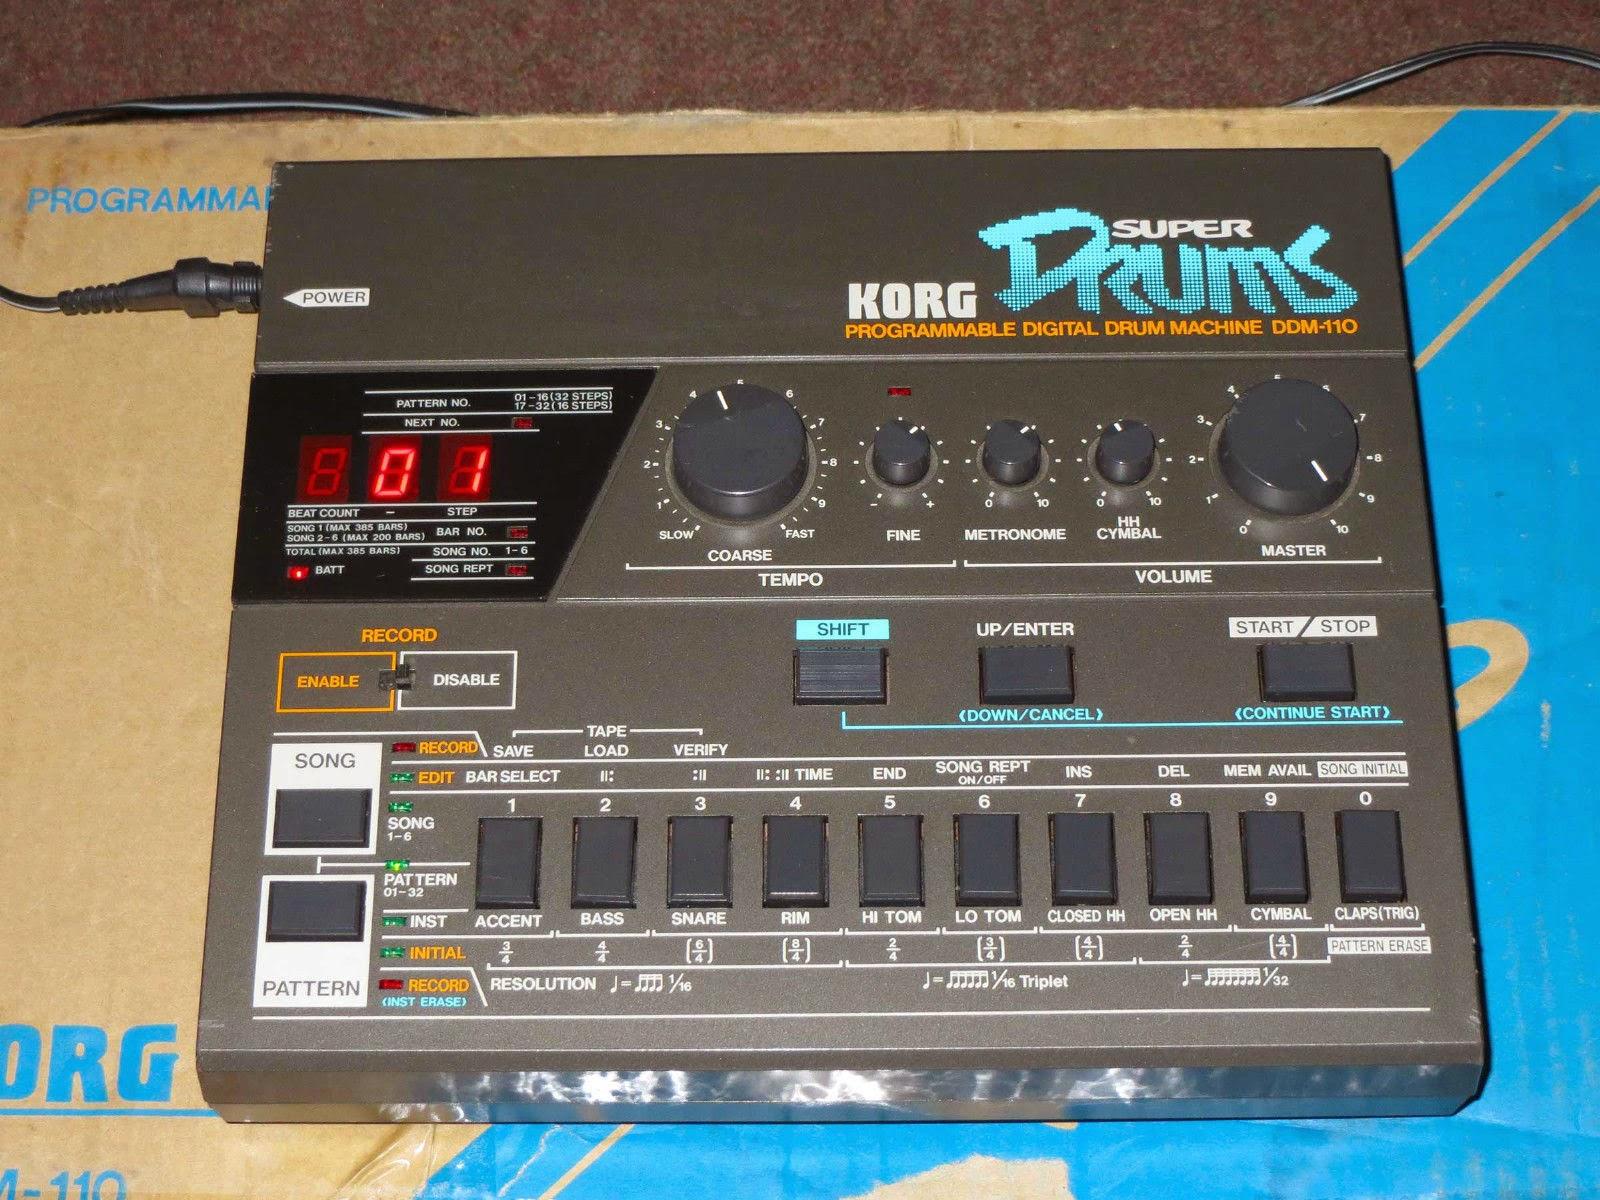 Best Drum Machine Electronic Music : jondent exploring electronic music korg ddm 110 digital drum machine ~ Russianpoet.info Haus und Dekorationen